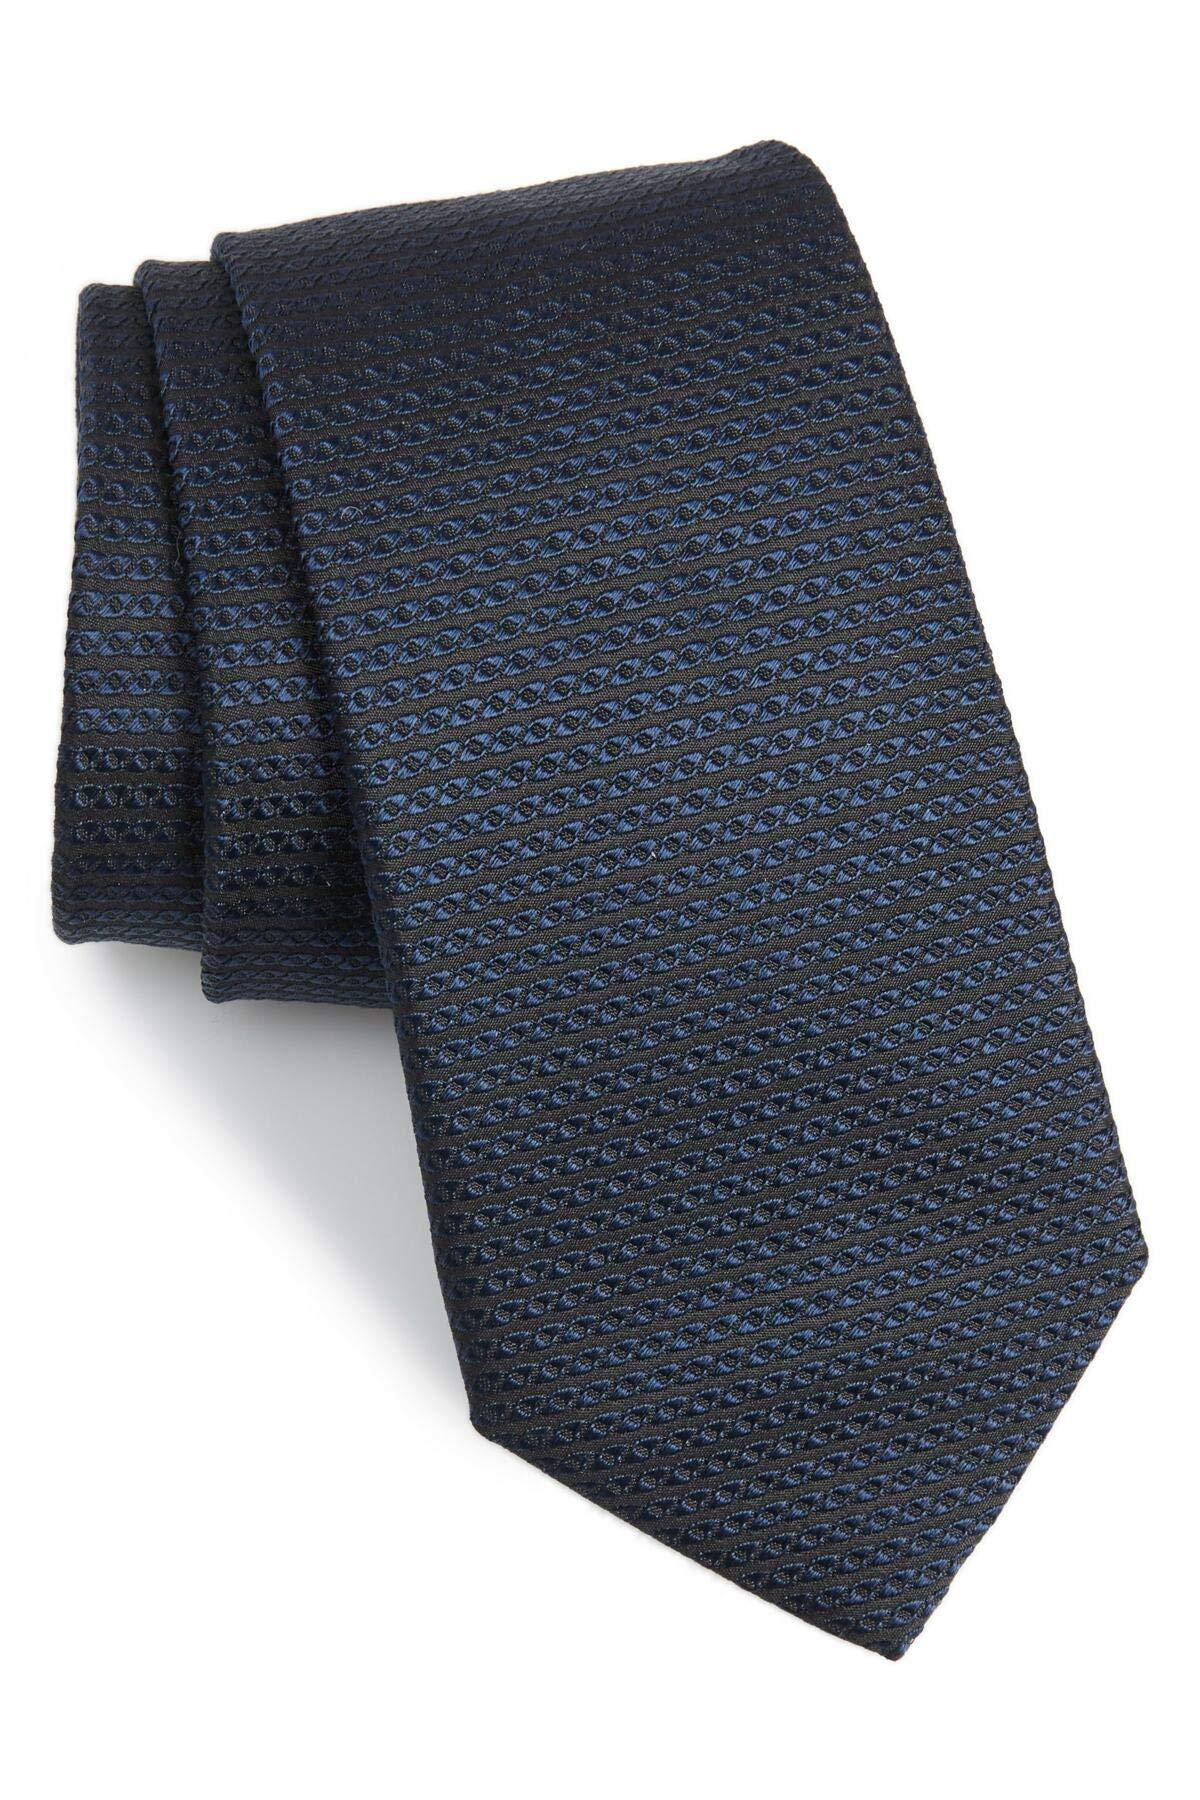 Hugo Boss Textured Woven Italian Silk Tie, Dark Blue 50397330